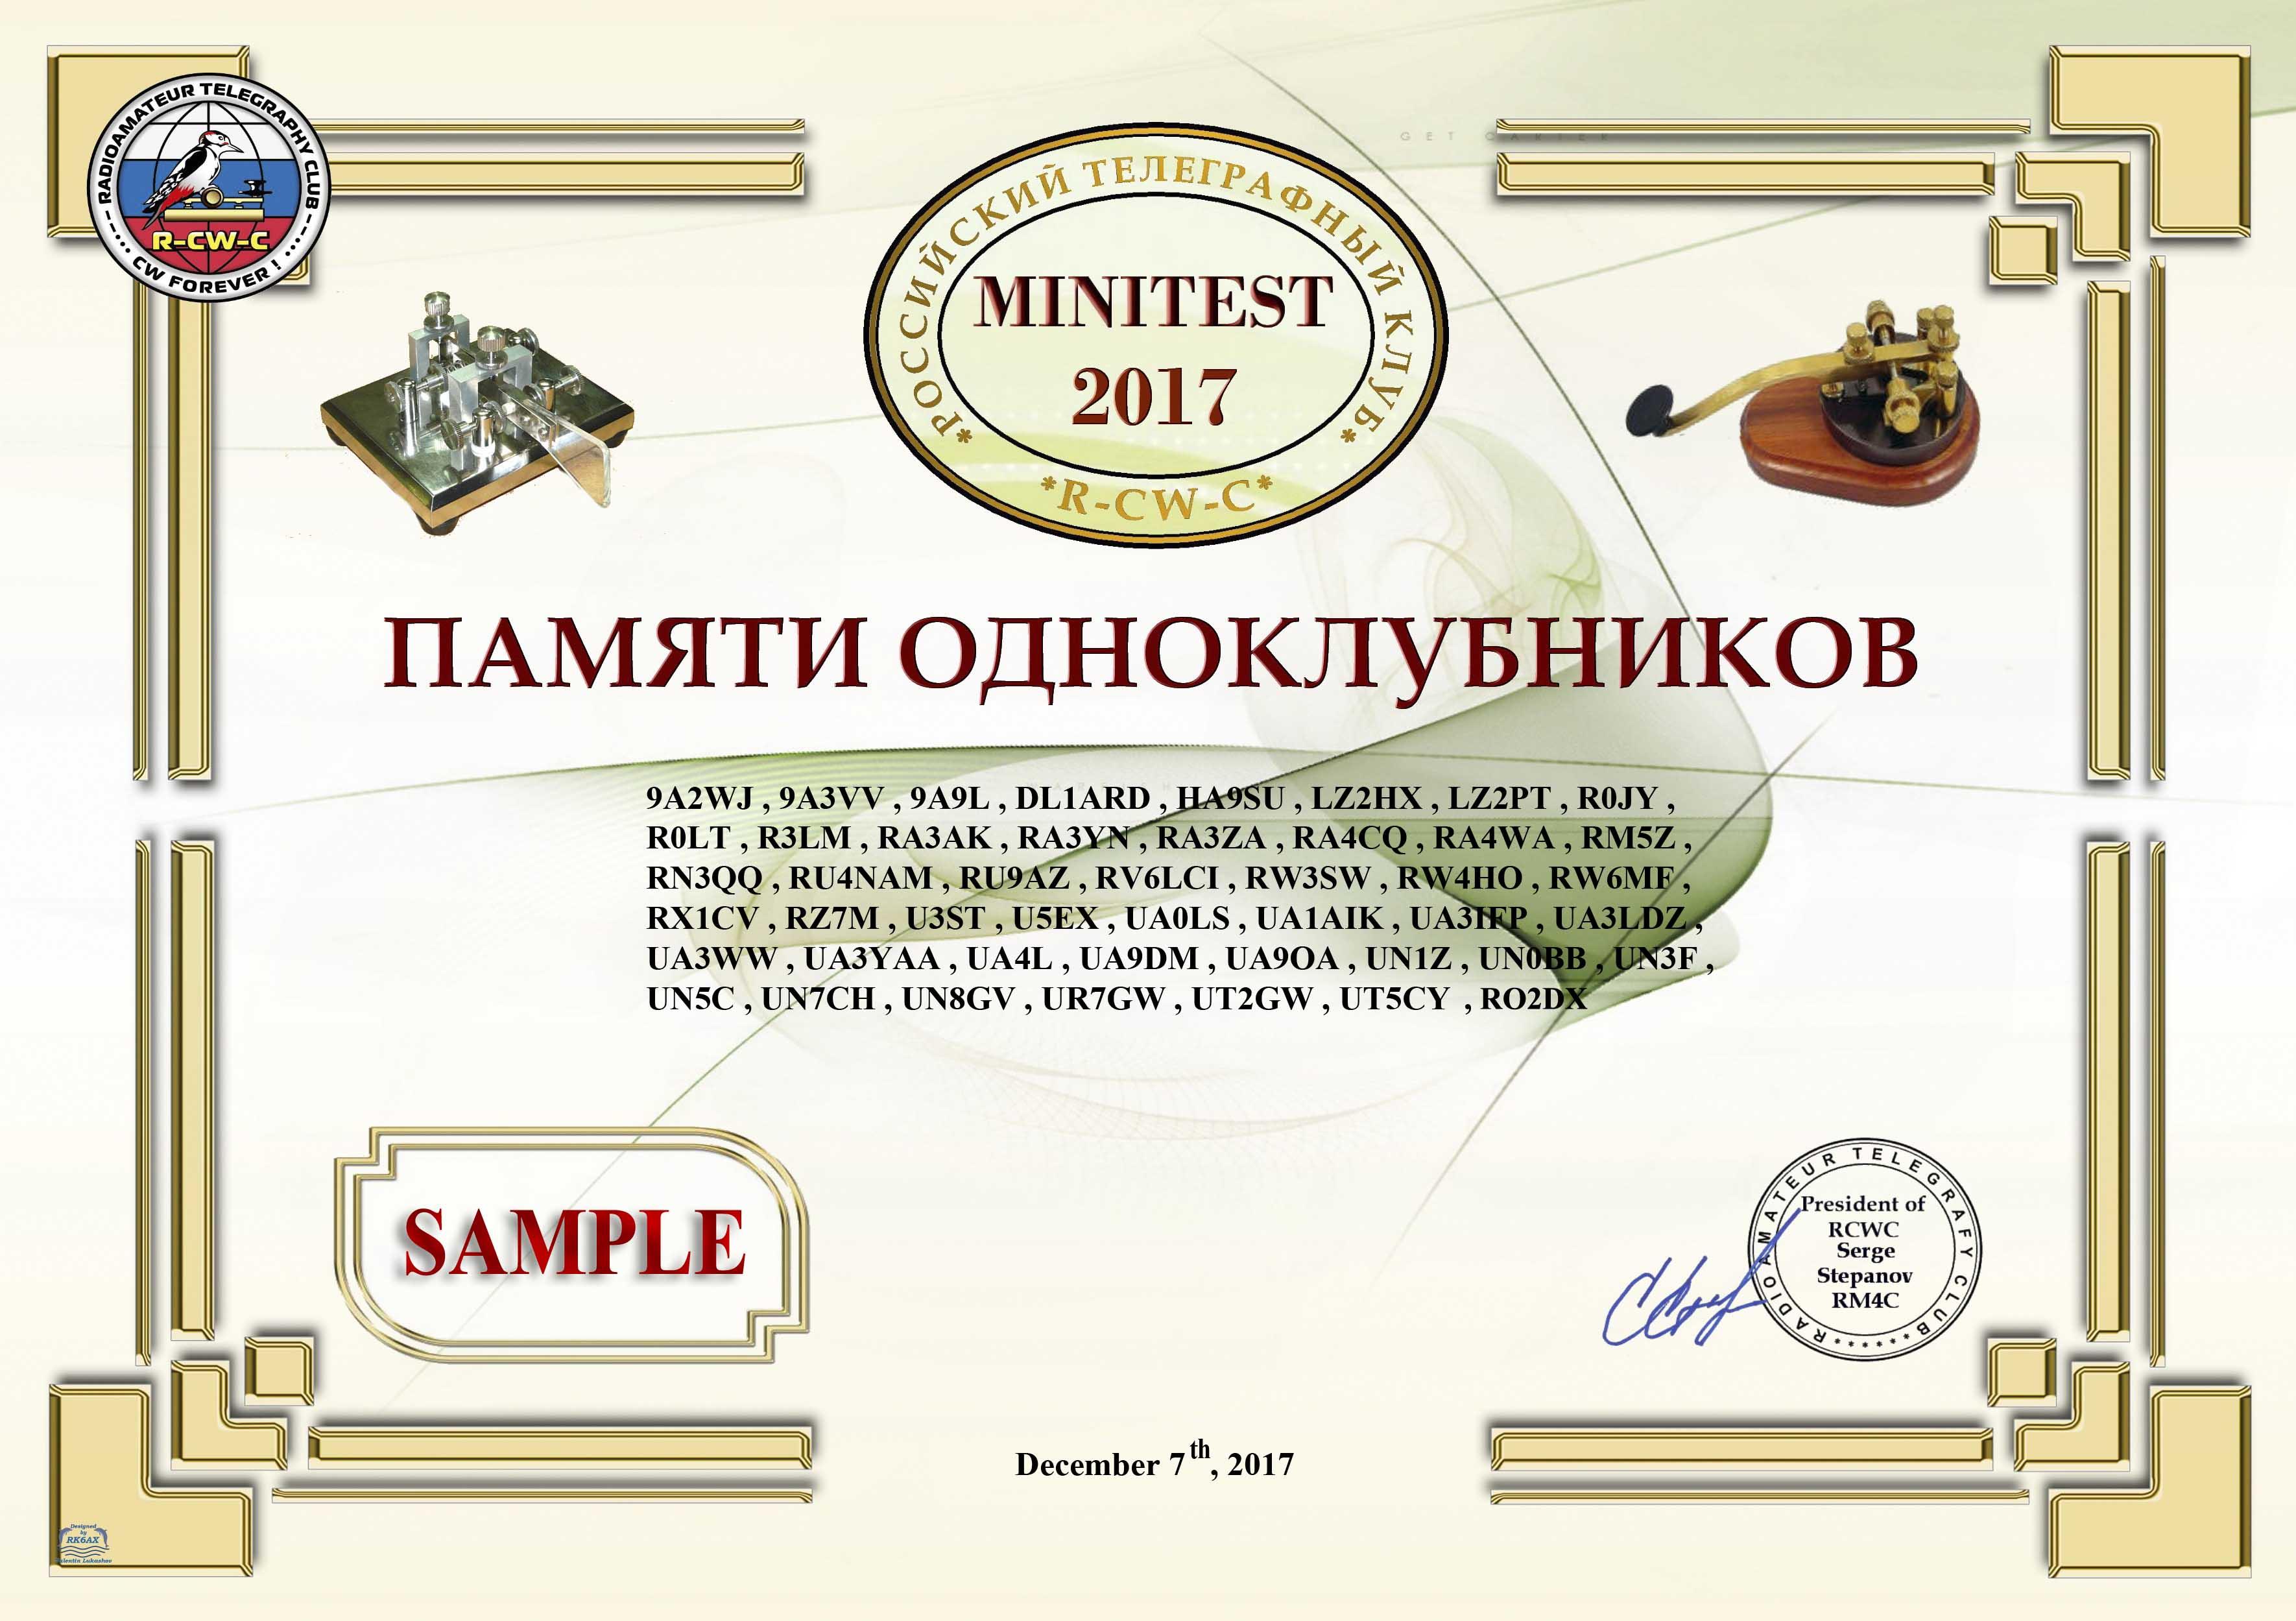 Нажмите на изображение для увеличения.  Название:MINITEST RCWC 17.jpg Просмотров:7 Размер:547.3 Кб ID:201200